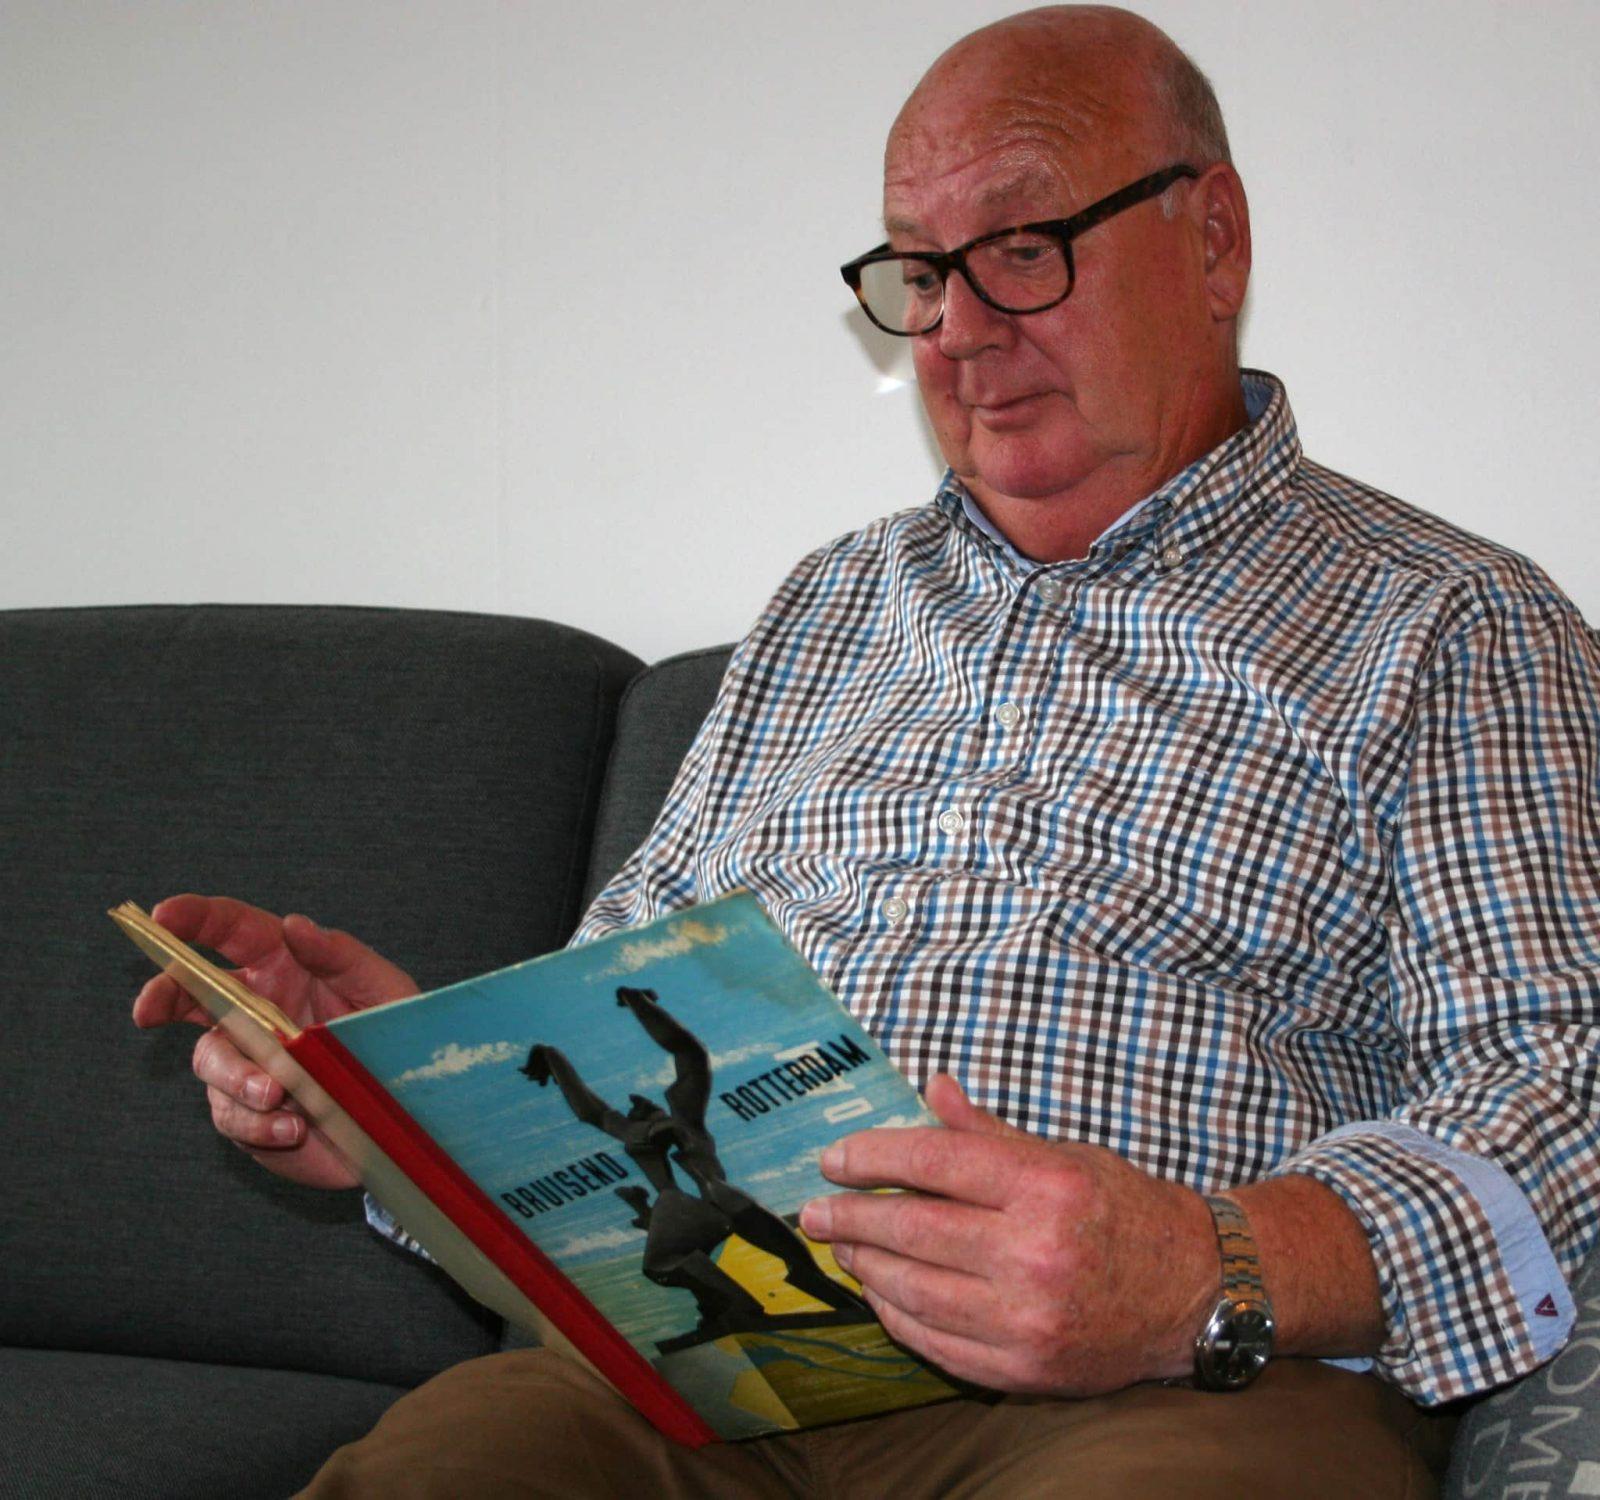 Bkwist Met Spaarboek Van Meer En Schoep